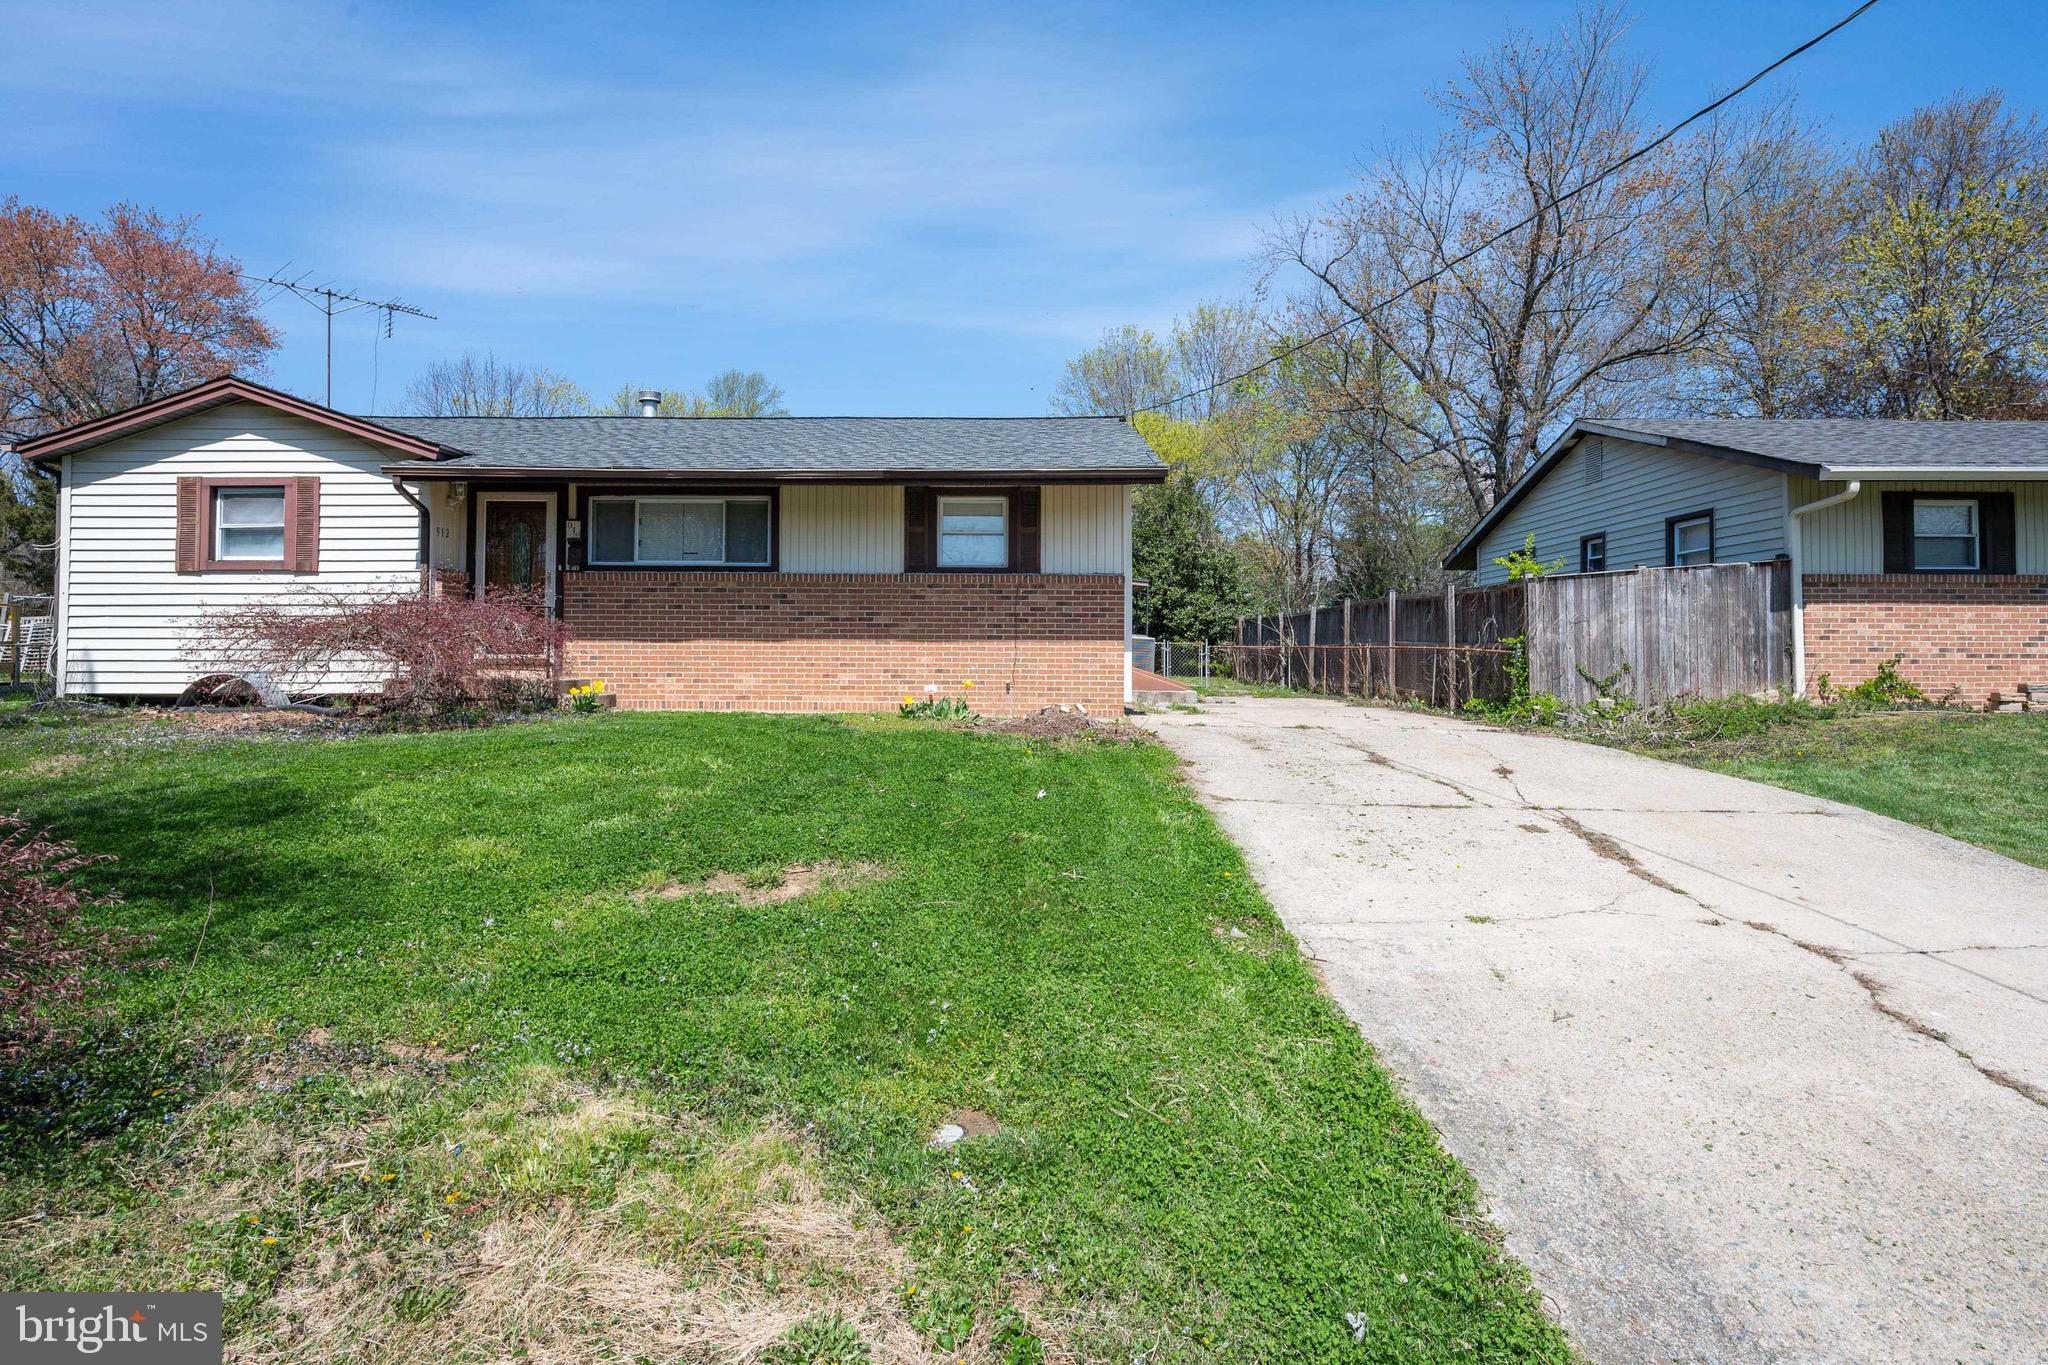 912 Regency Rd, Woodbridge, VA, 22191